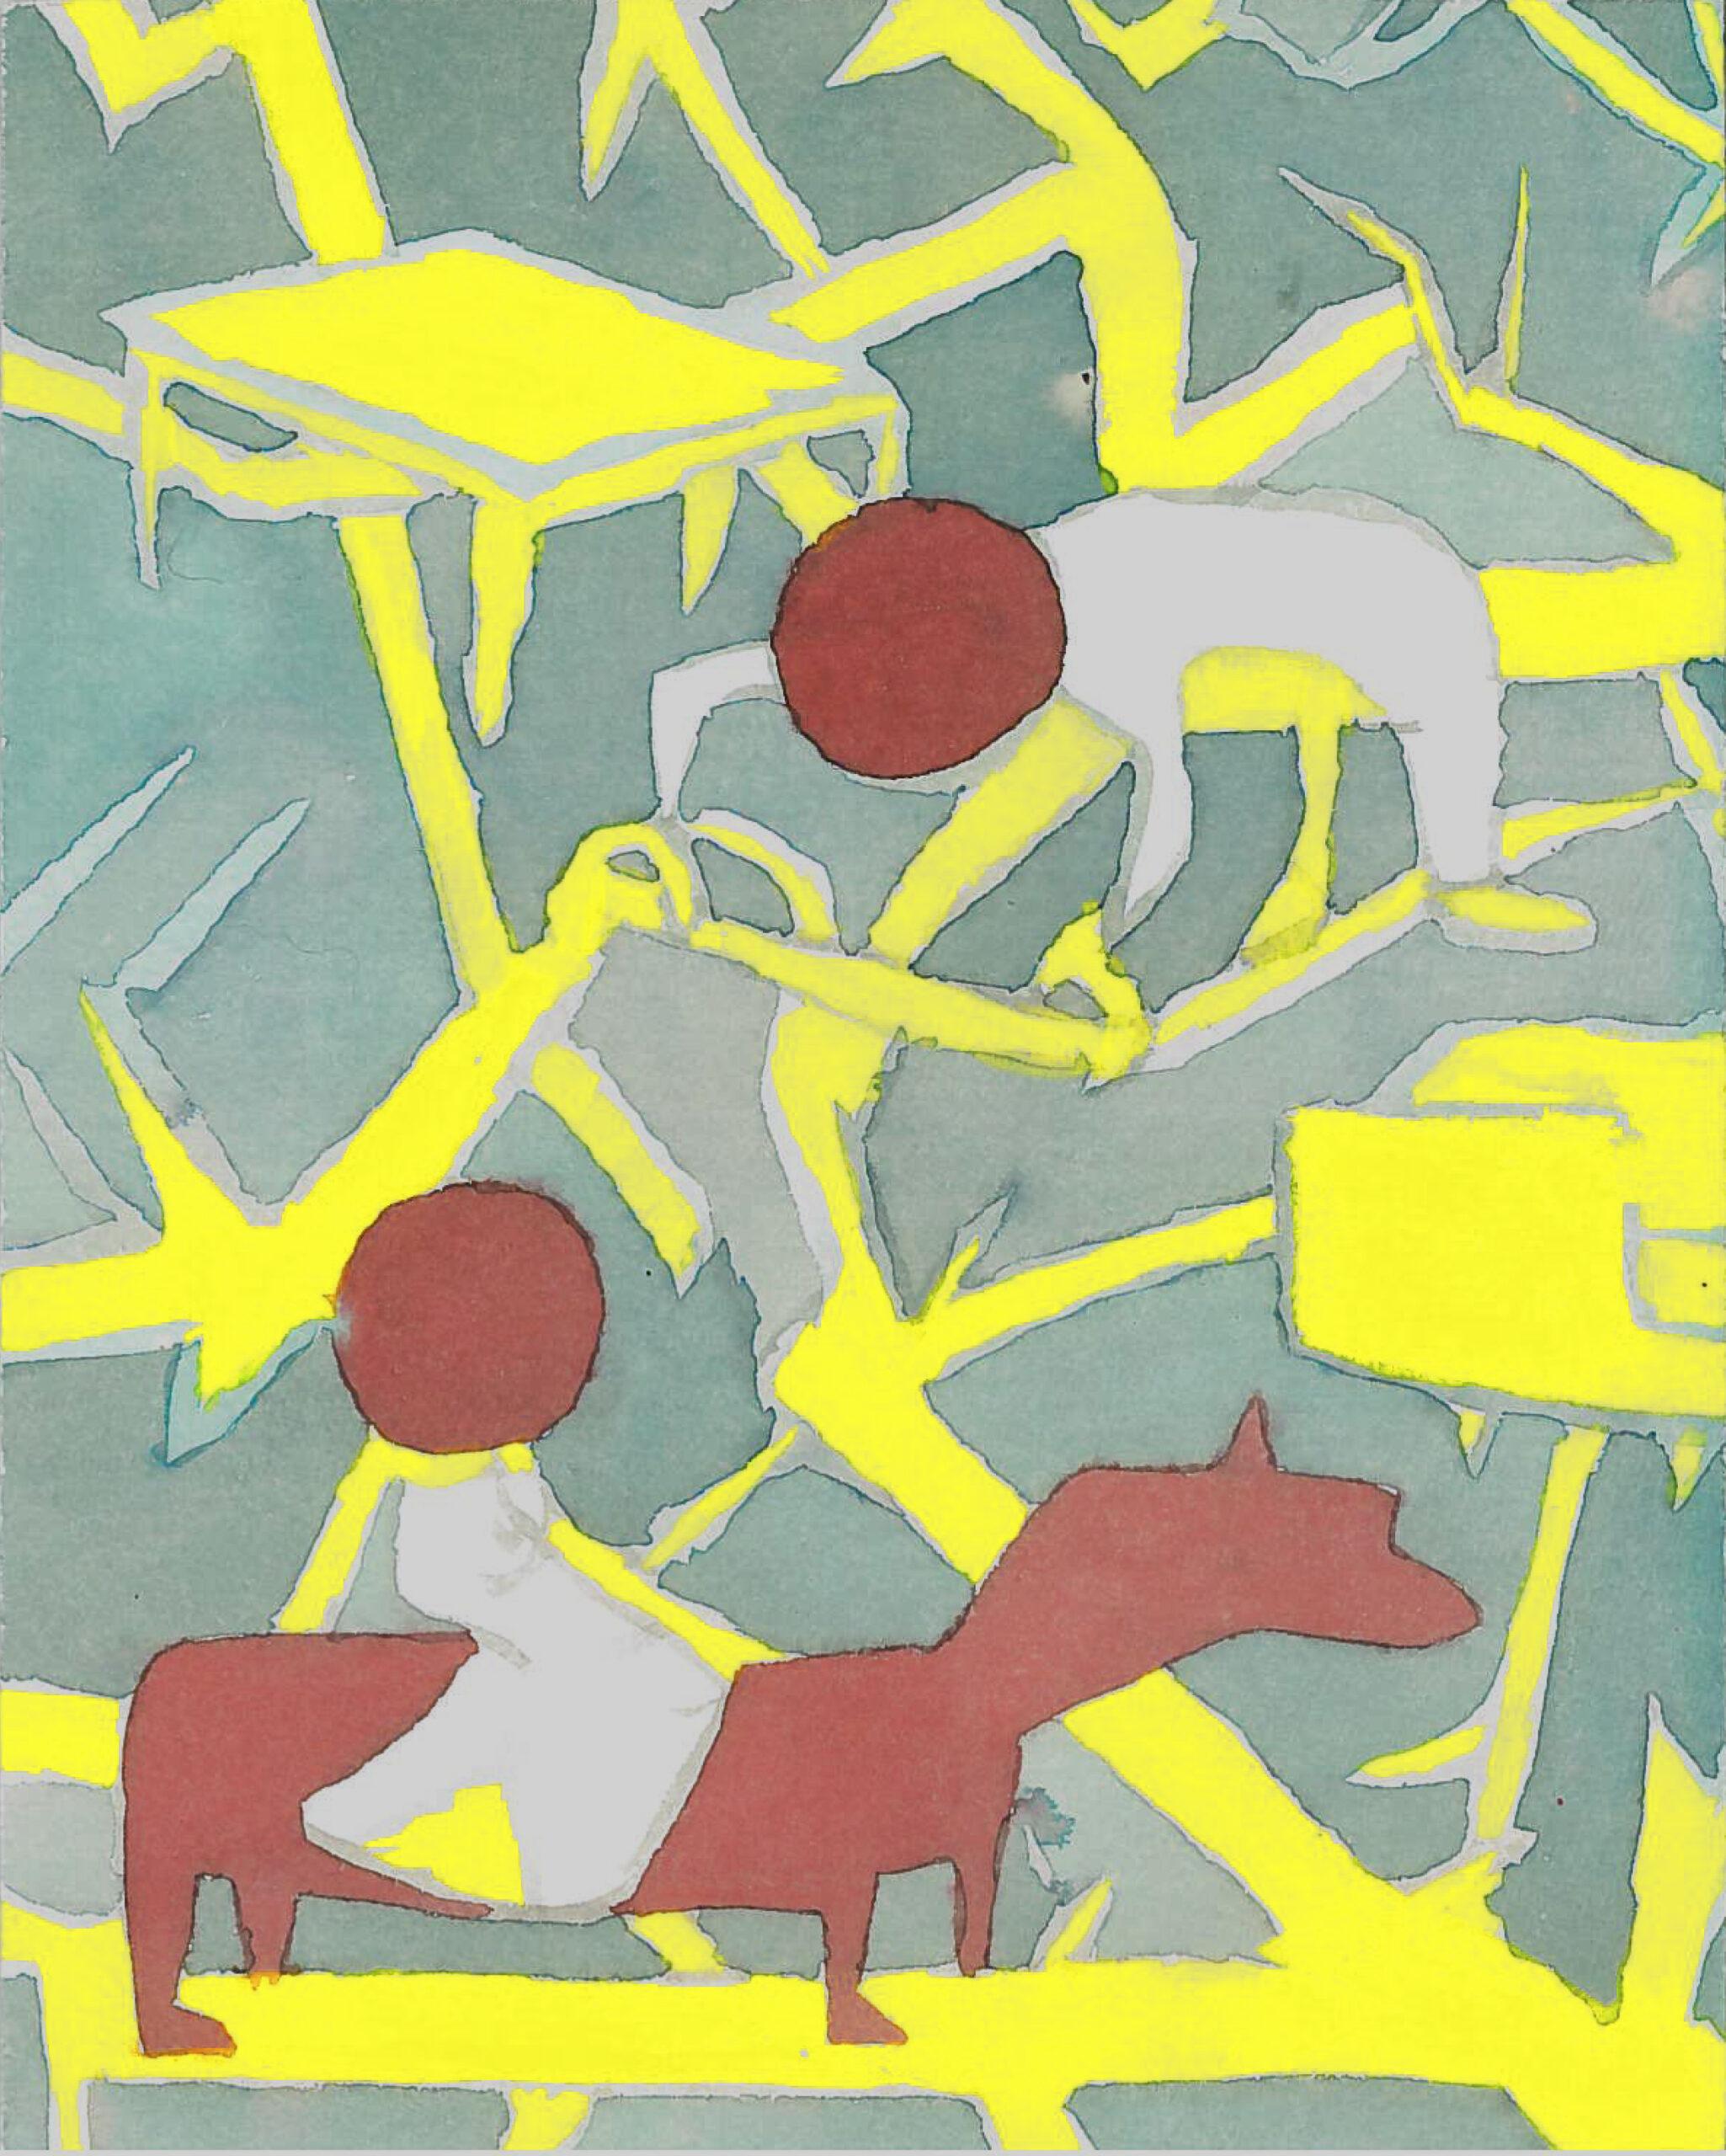 Pagal Italo Calvino Mūsų protėviai. Medyje. Akvarelė ant estampinio popieriaus. 25x20cm. 2017